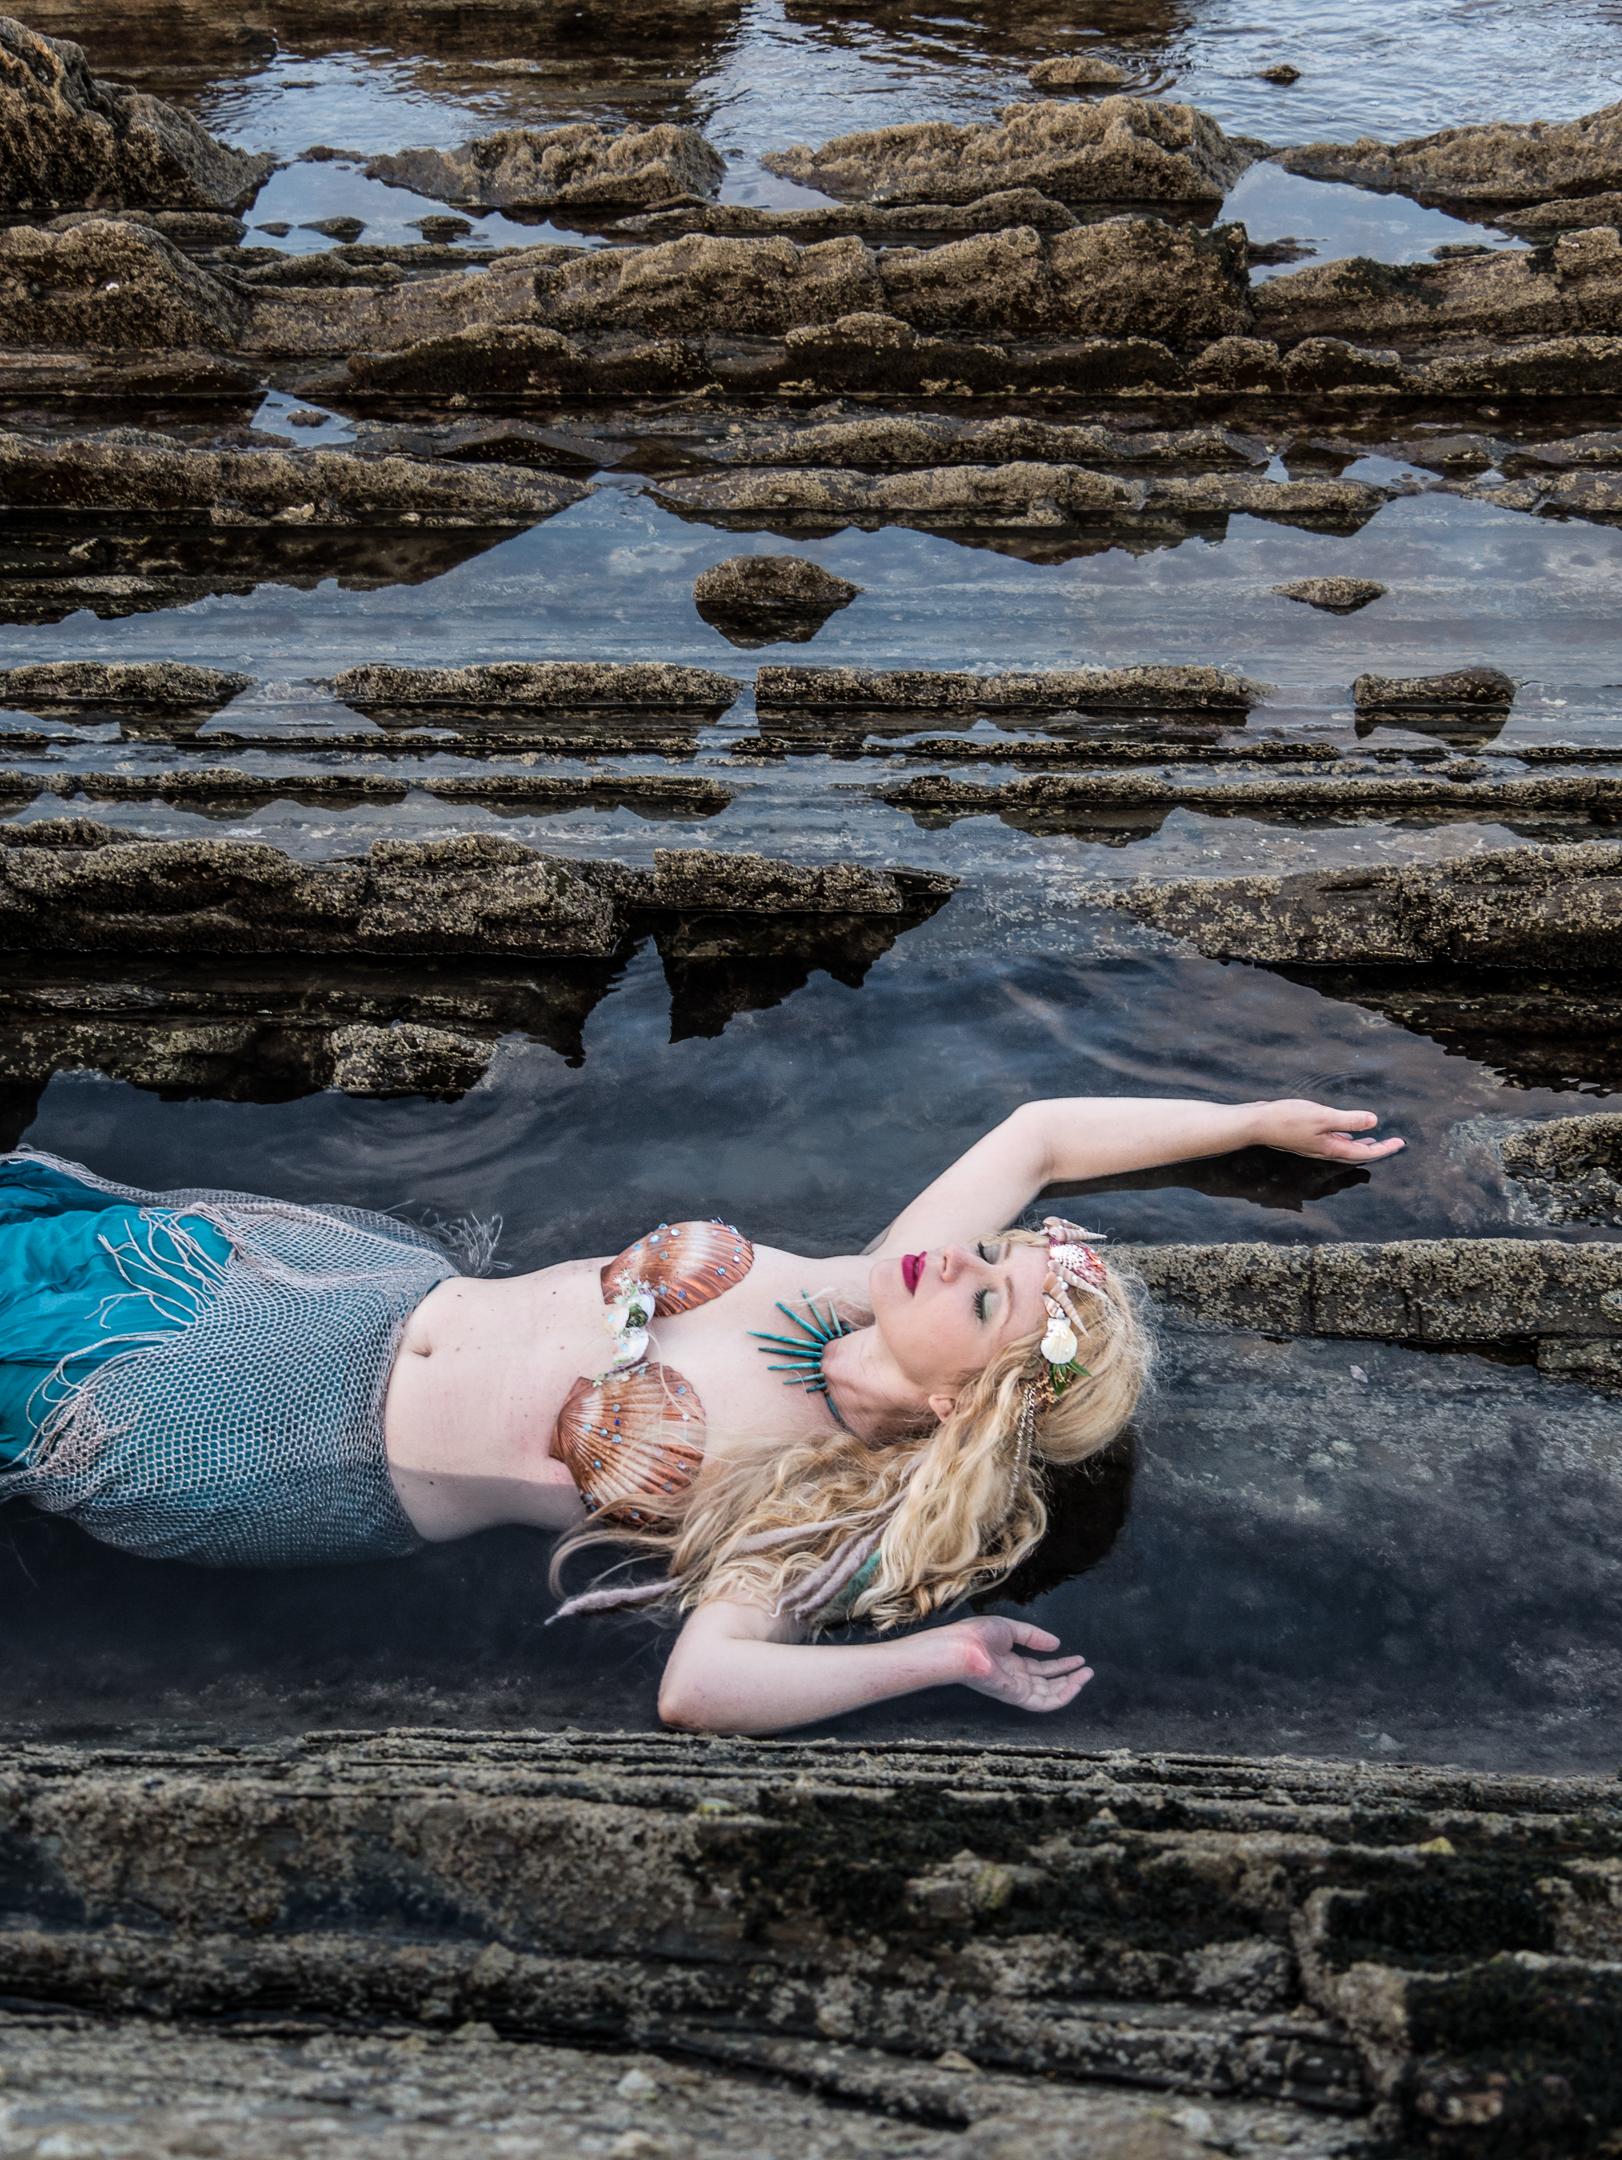 mermaid 01.jpg